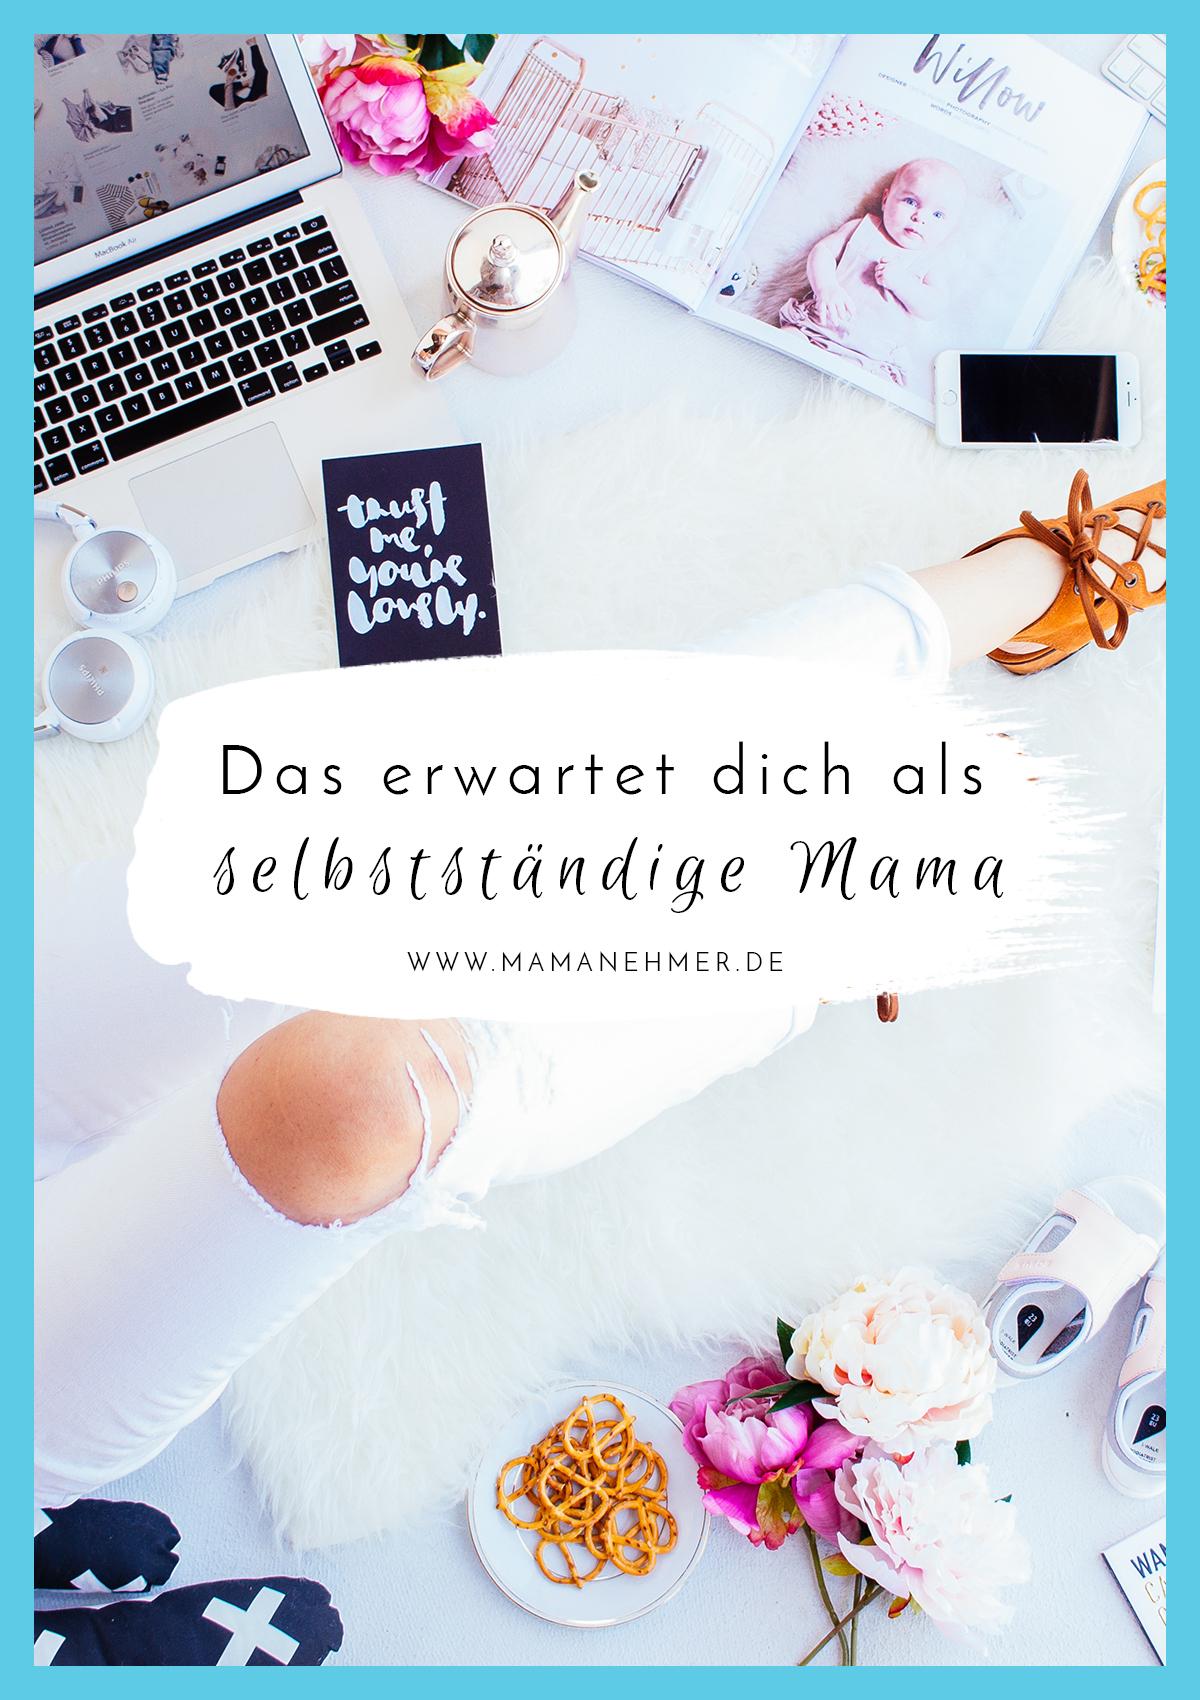 Finde heraus ob Mamanehmer das Richtige für dich ist! Ich zeige dir genau, mit was du rechnen musst, worauf du dich einlässt, aber auch womit du belohnt wirst, wenn du dich auf das Abenteuer Selbstständigkeit mit eigenem Mama-Online-Business einlässt! #Mamanehmer #SelbstständigeMama